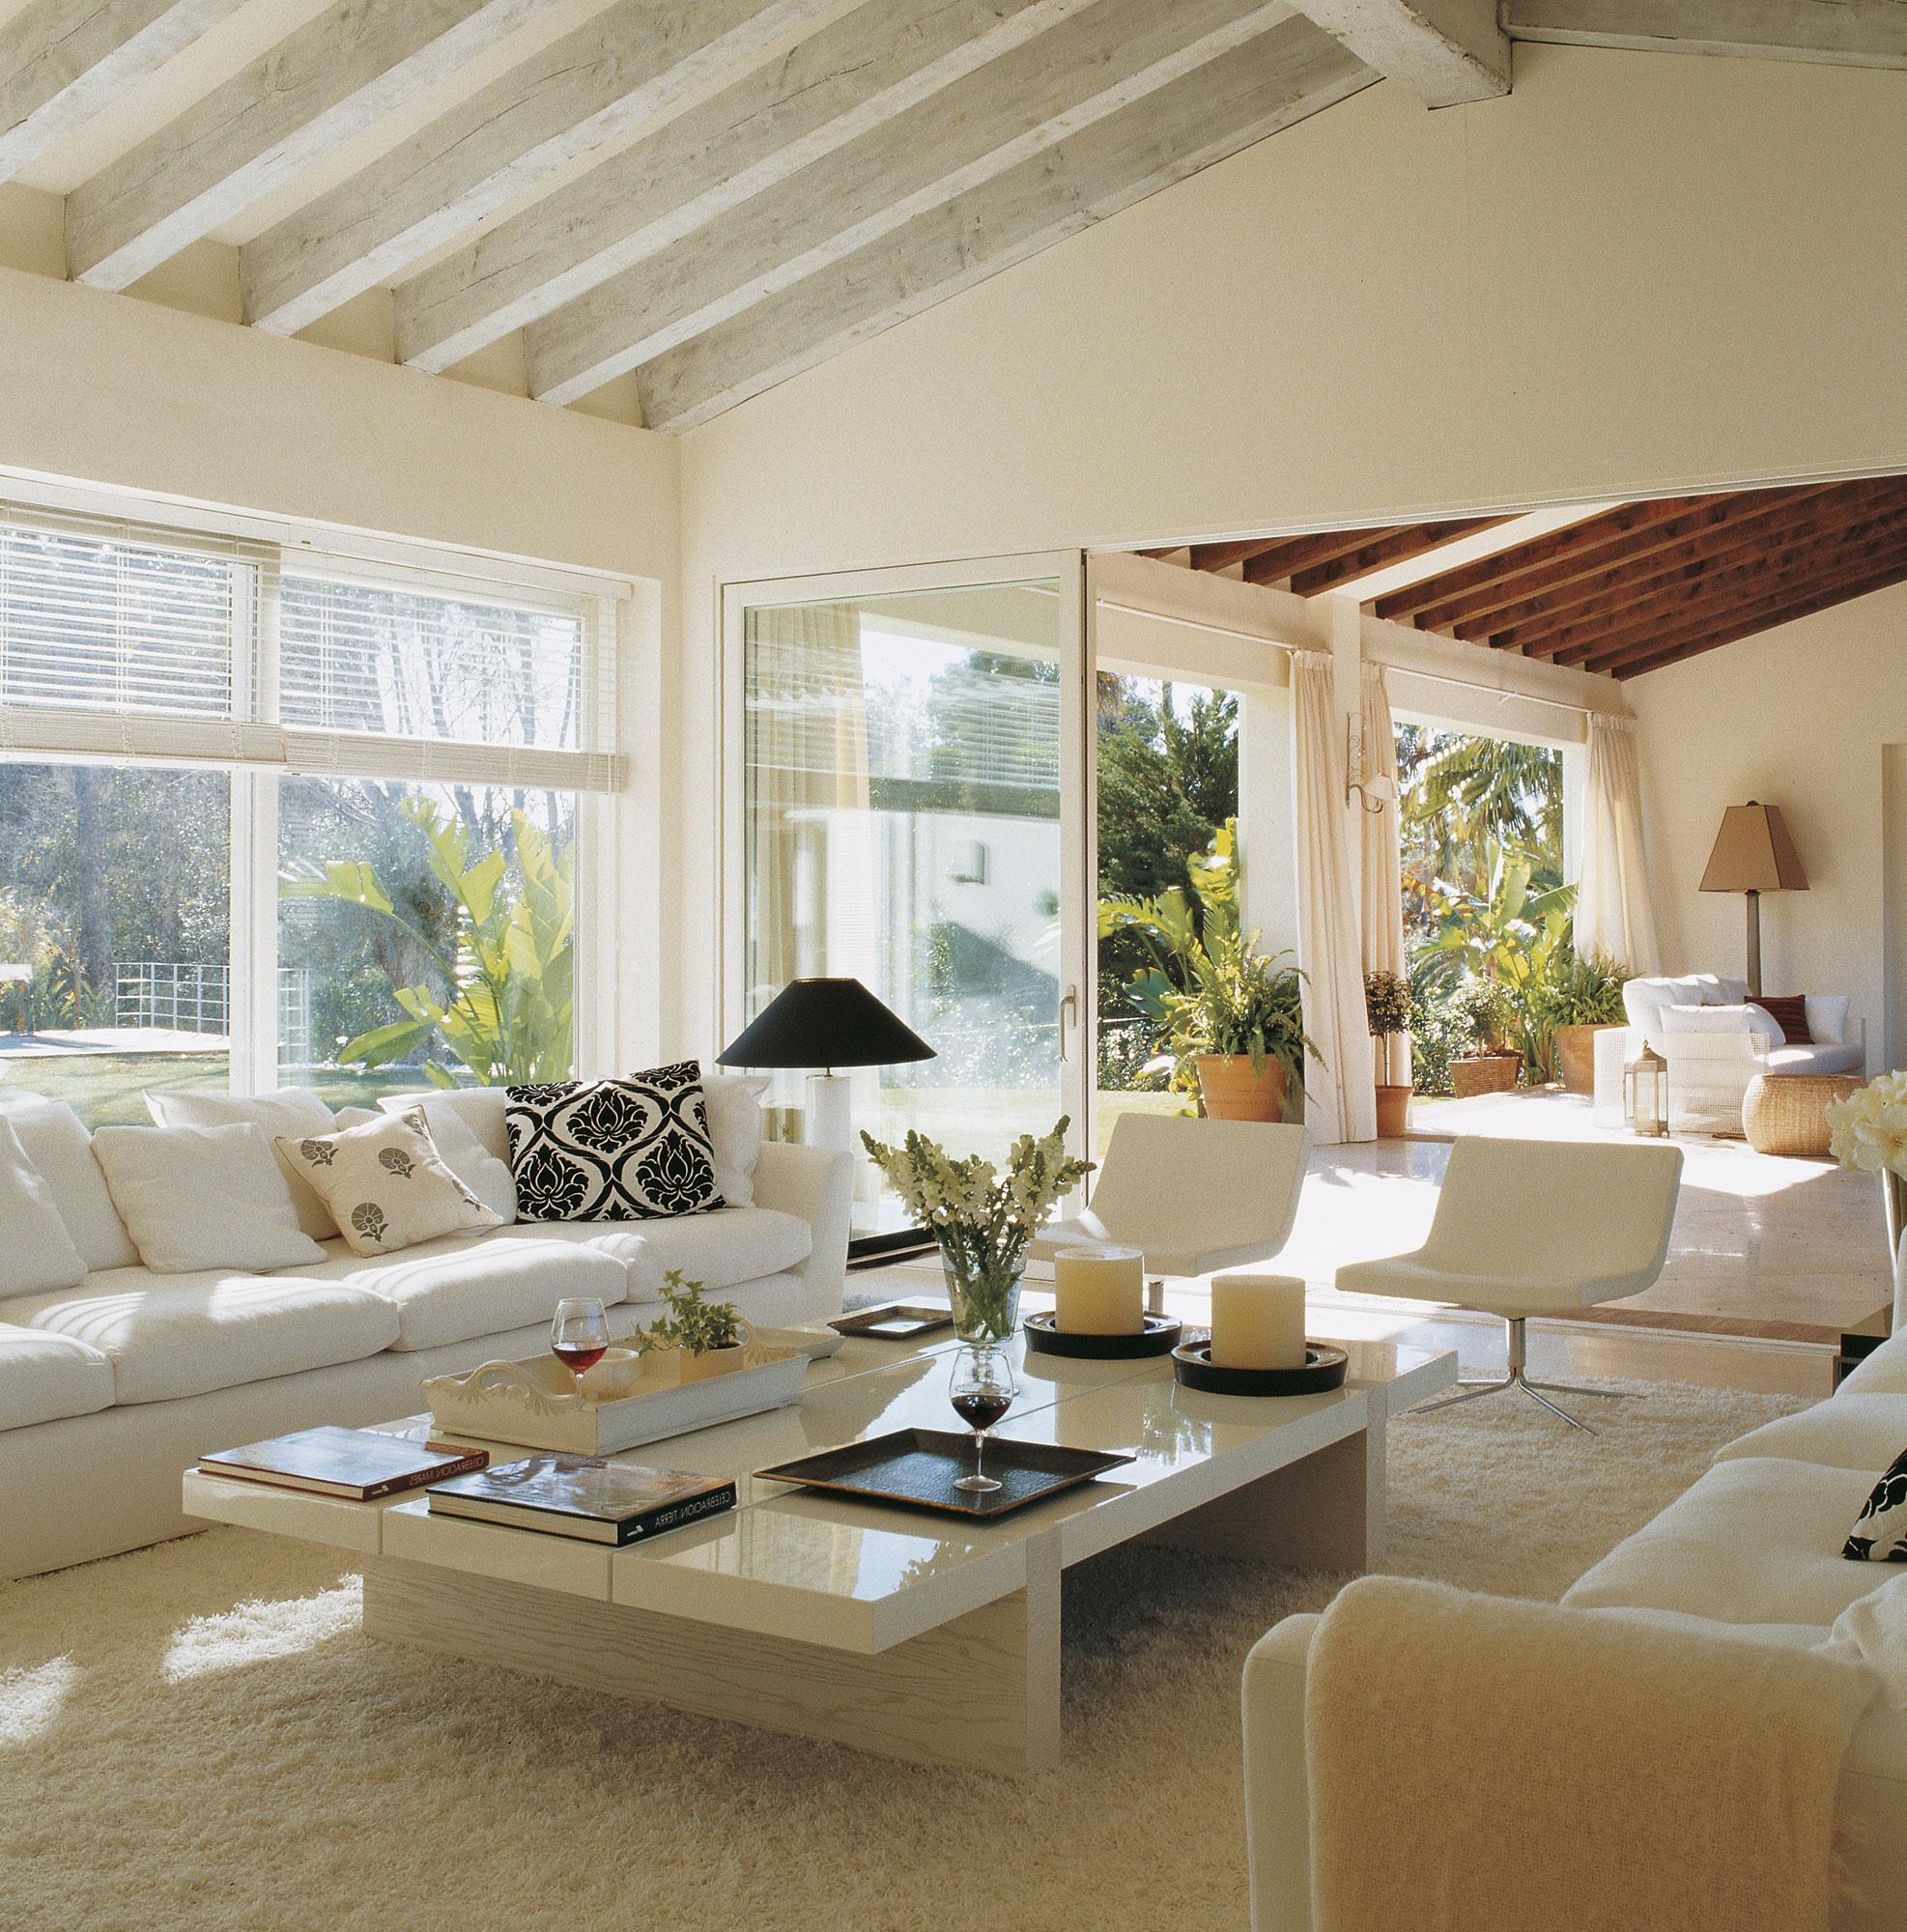 saln en blanco con techo de vigas vistas blancas